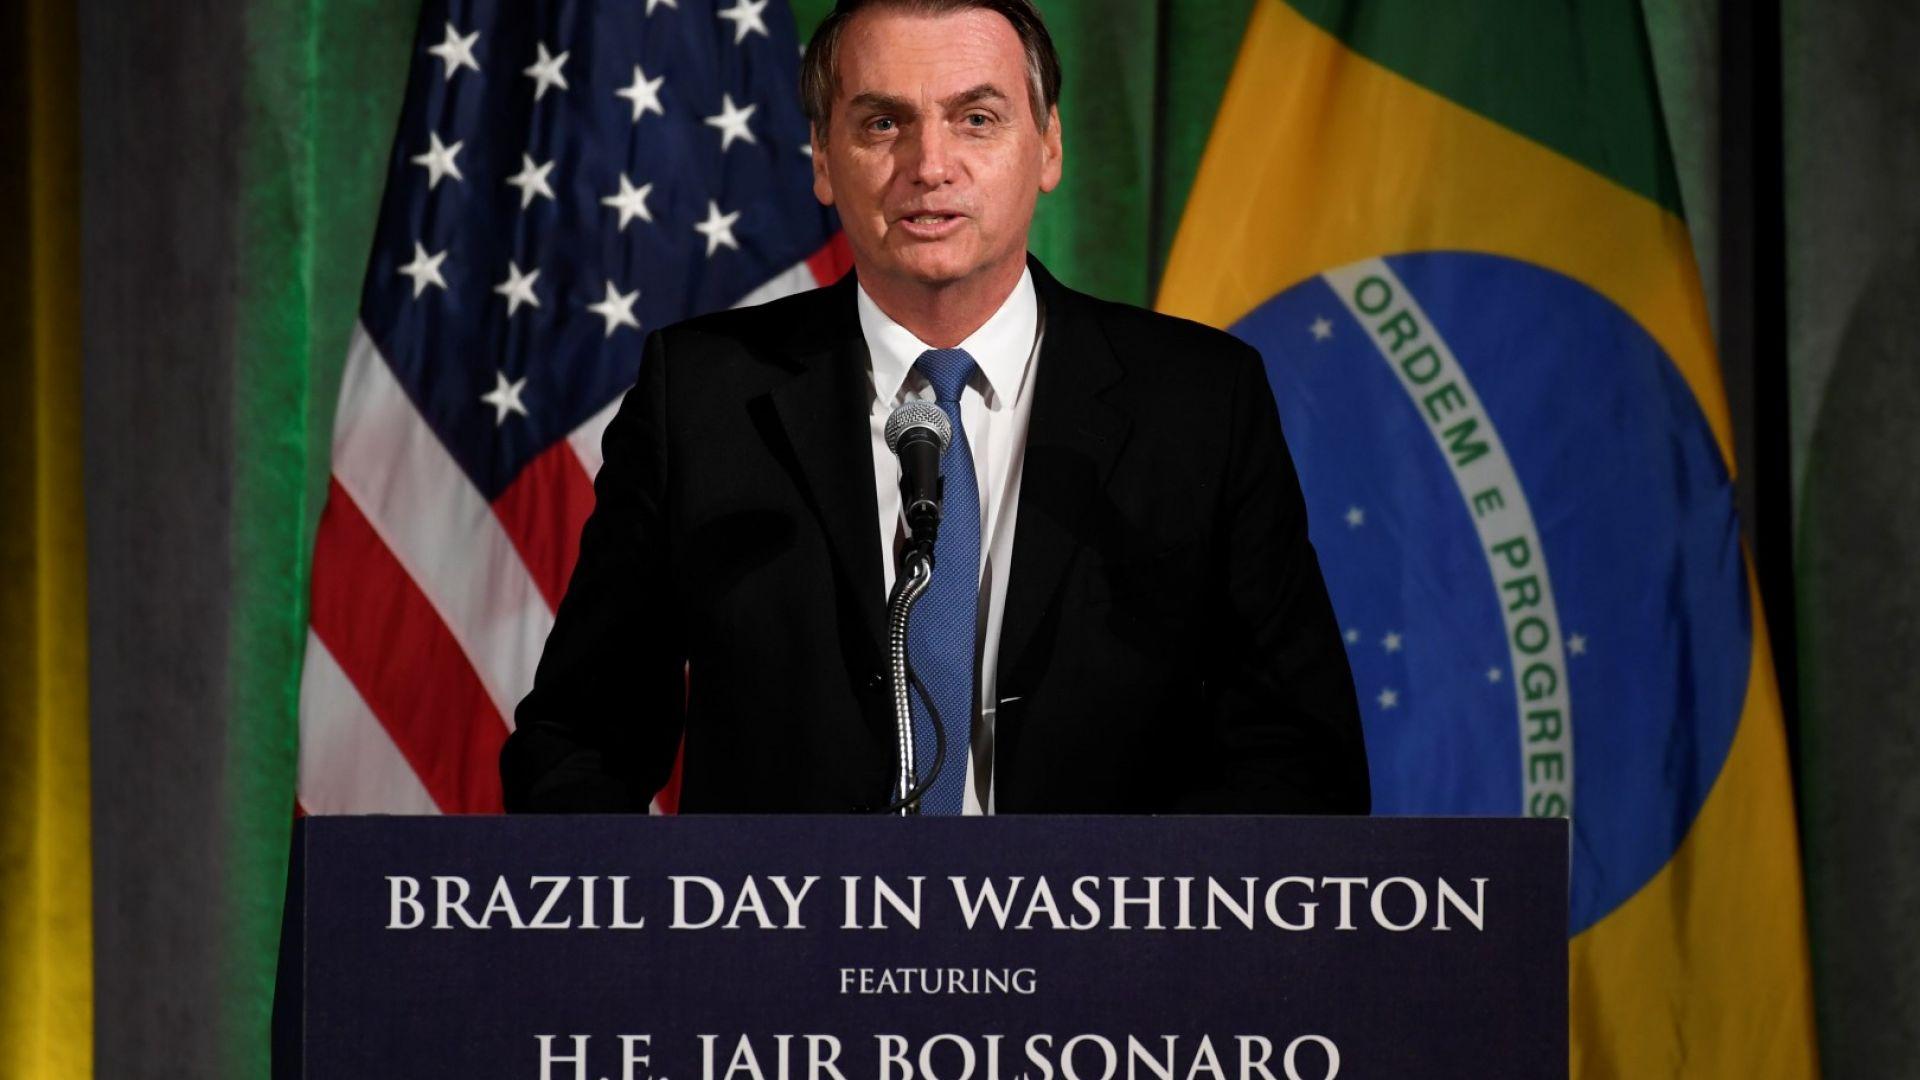 Болсонаро разреши изстрелване на американски сателити от бразилска военна база